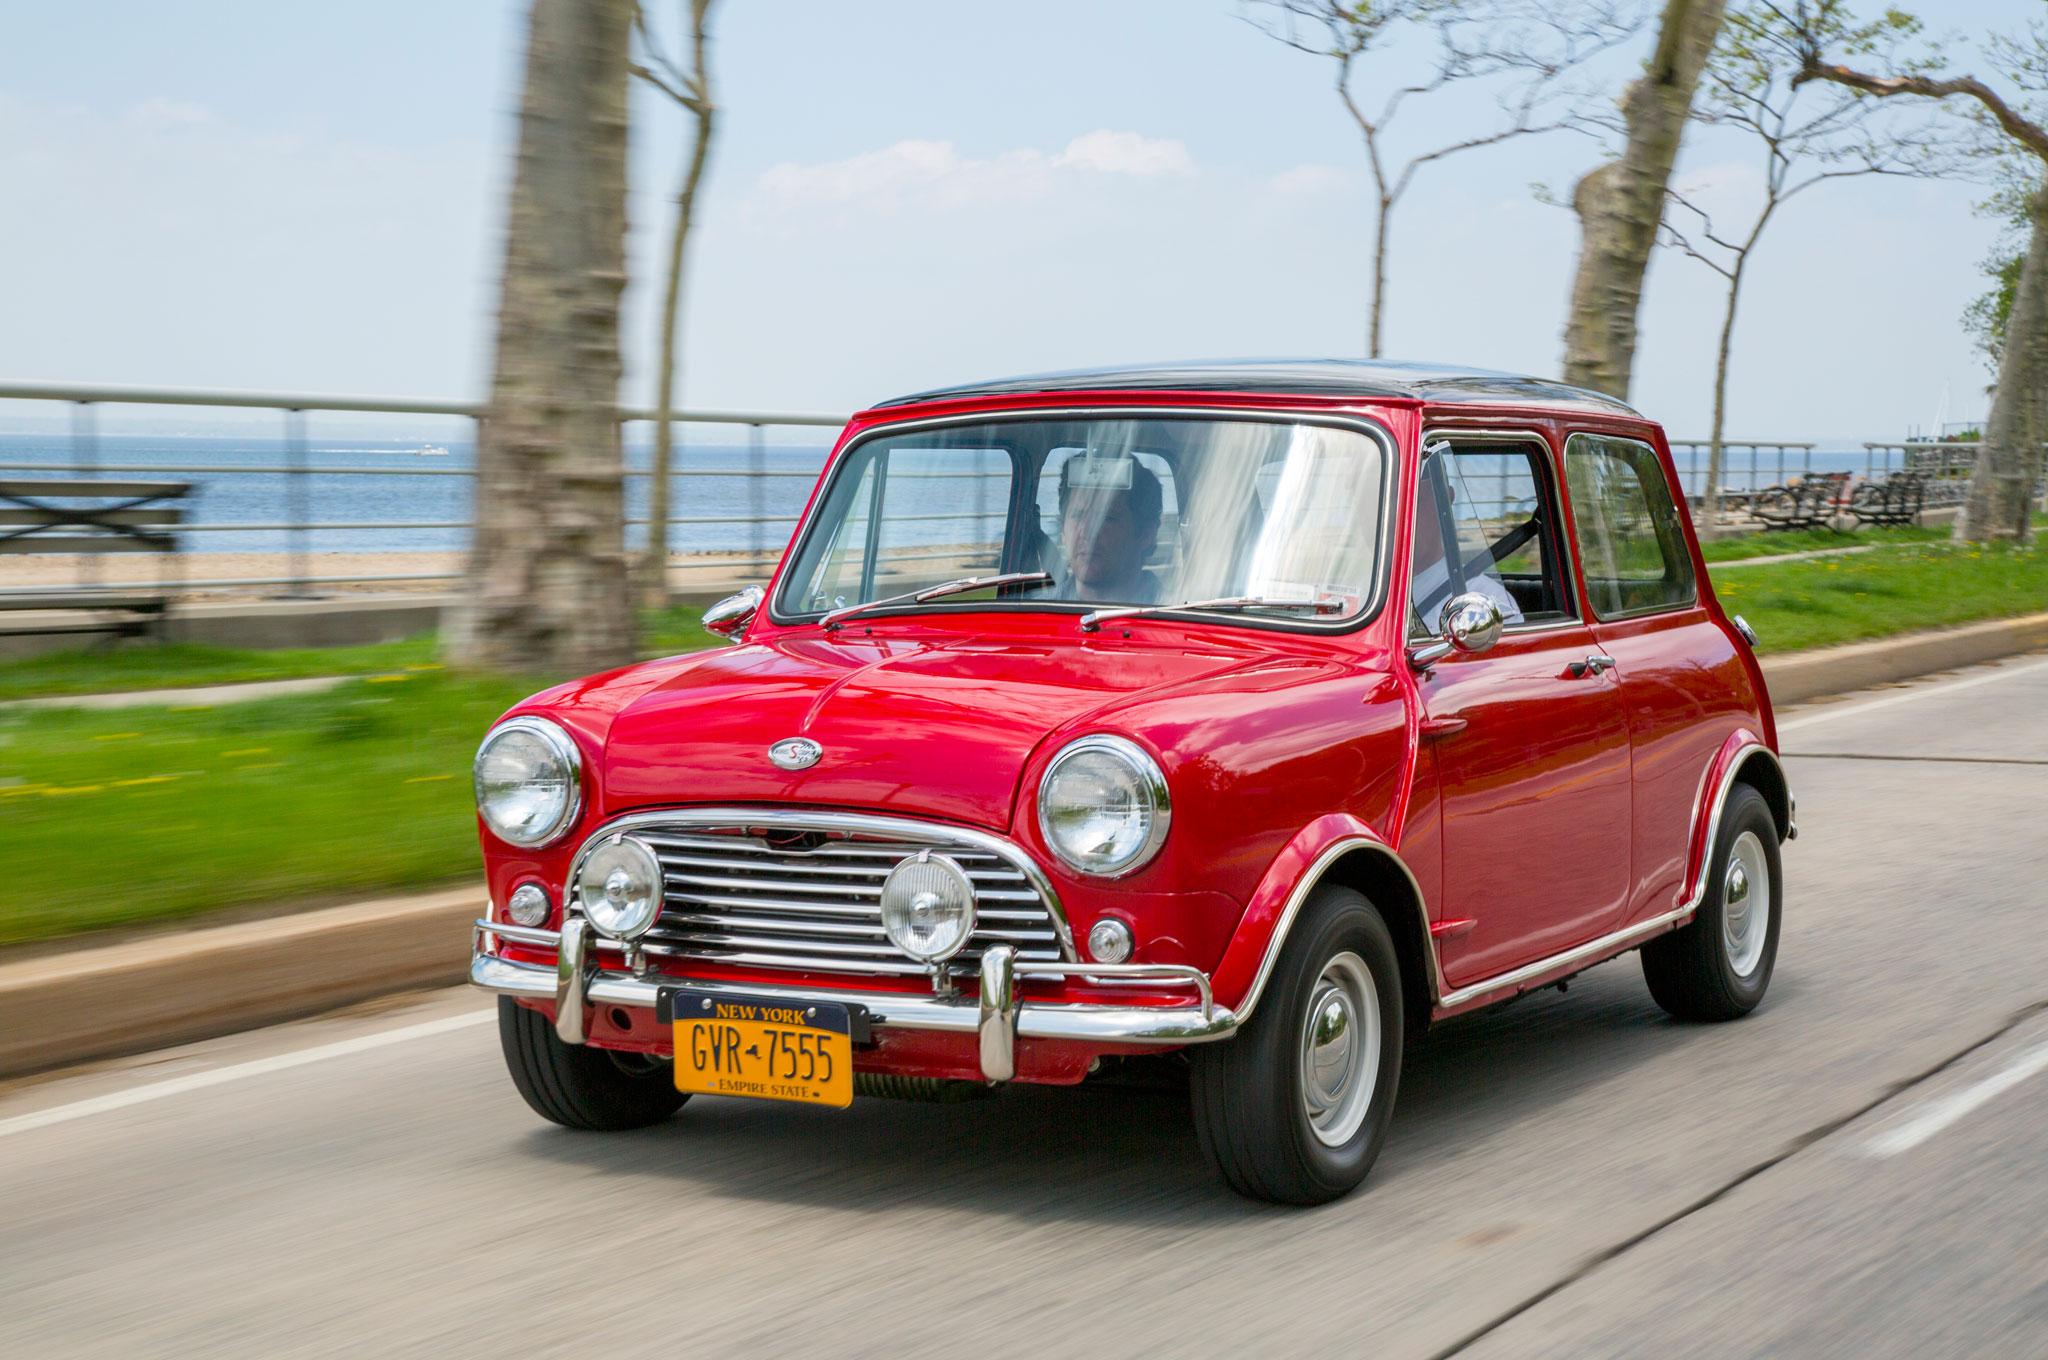 Bmc Mini Cooper идеи изображения автомобиля